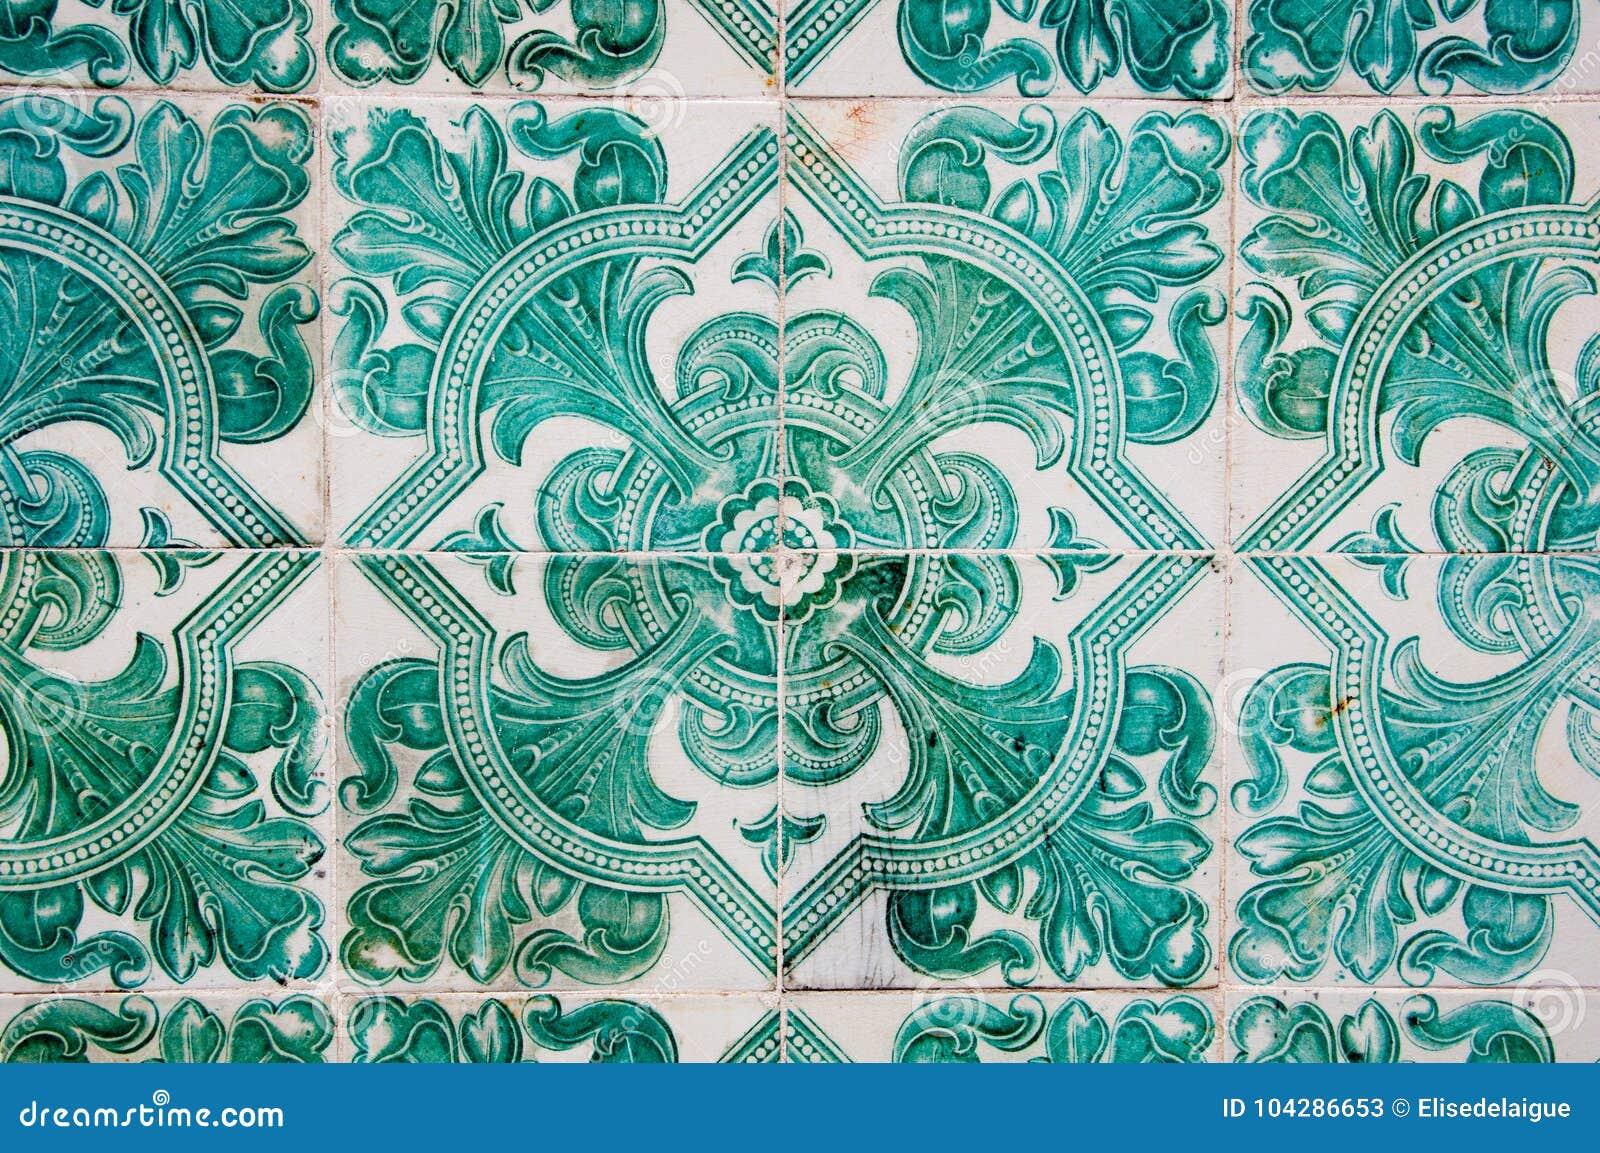 Azulejos variopinti tradizionali a lisbona portogallo mattonelle